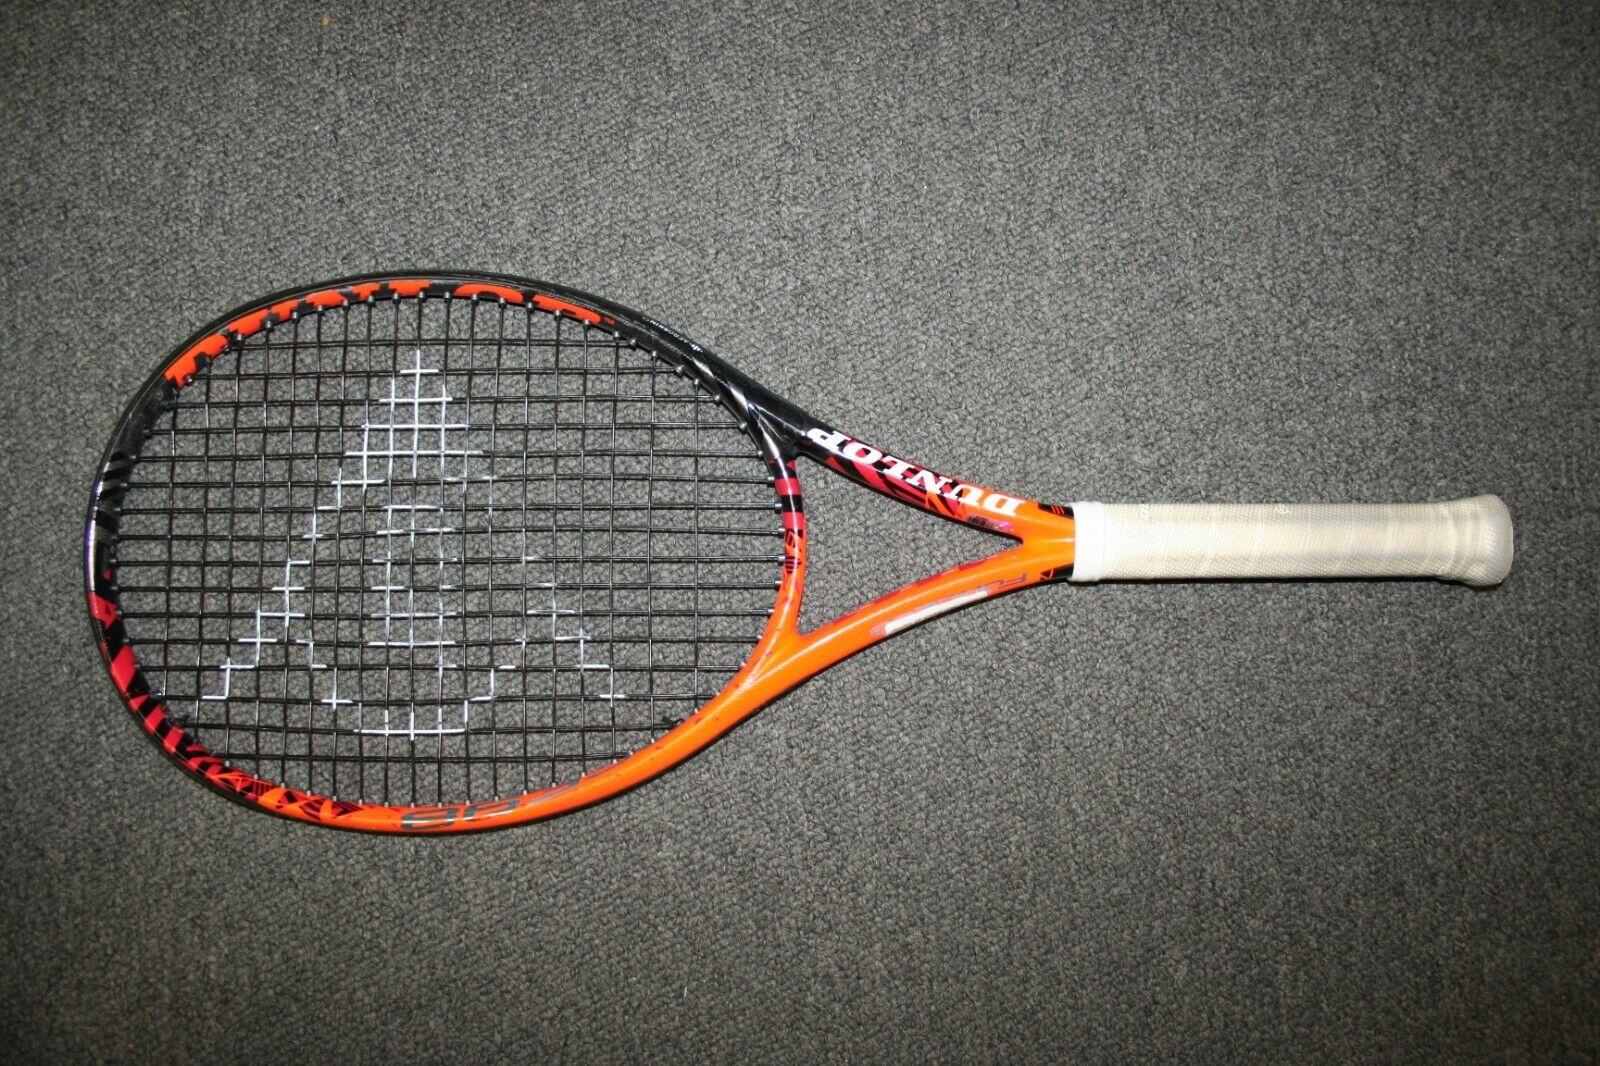 Dunlop Force 98   L3 (4 3 8 )   Usado   Envío Gratis en los Estados Unidos